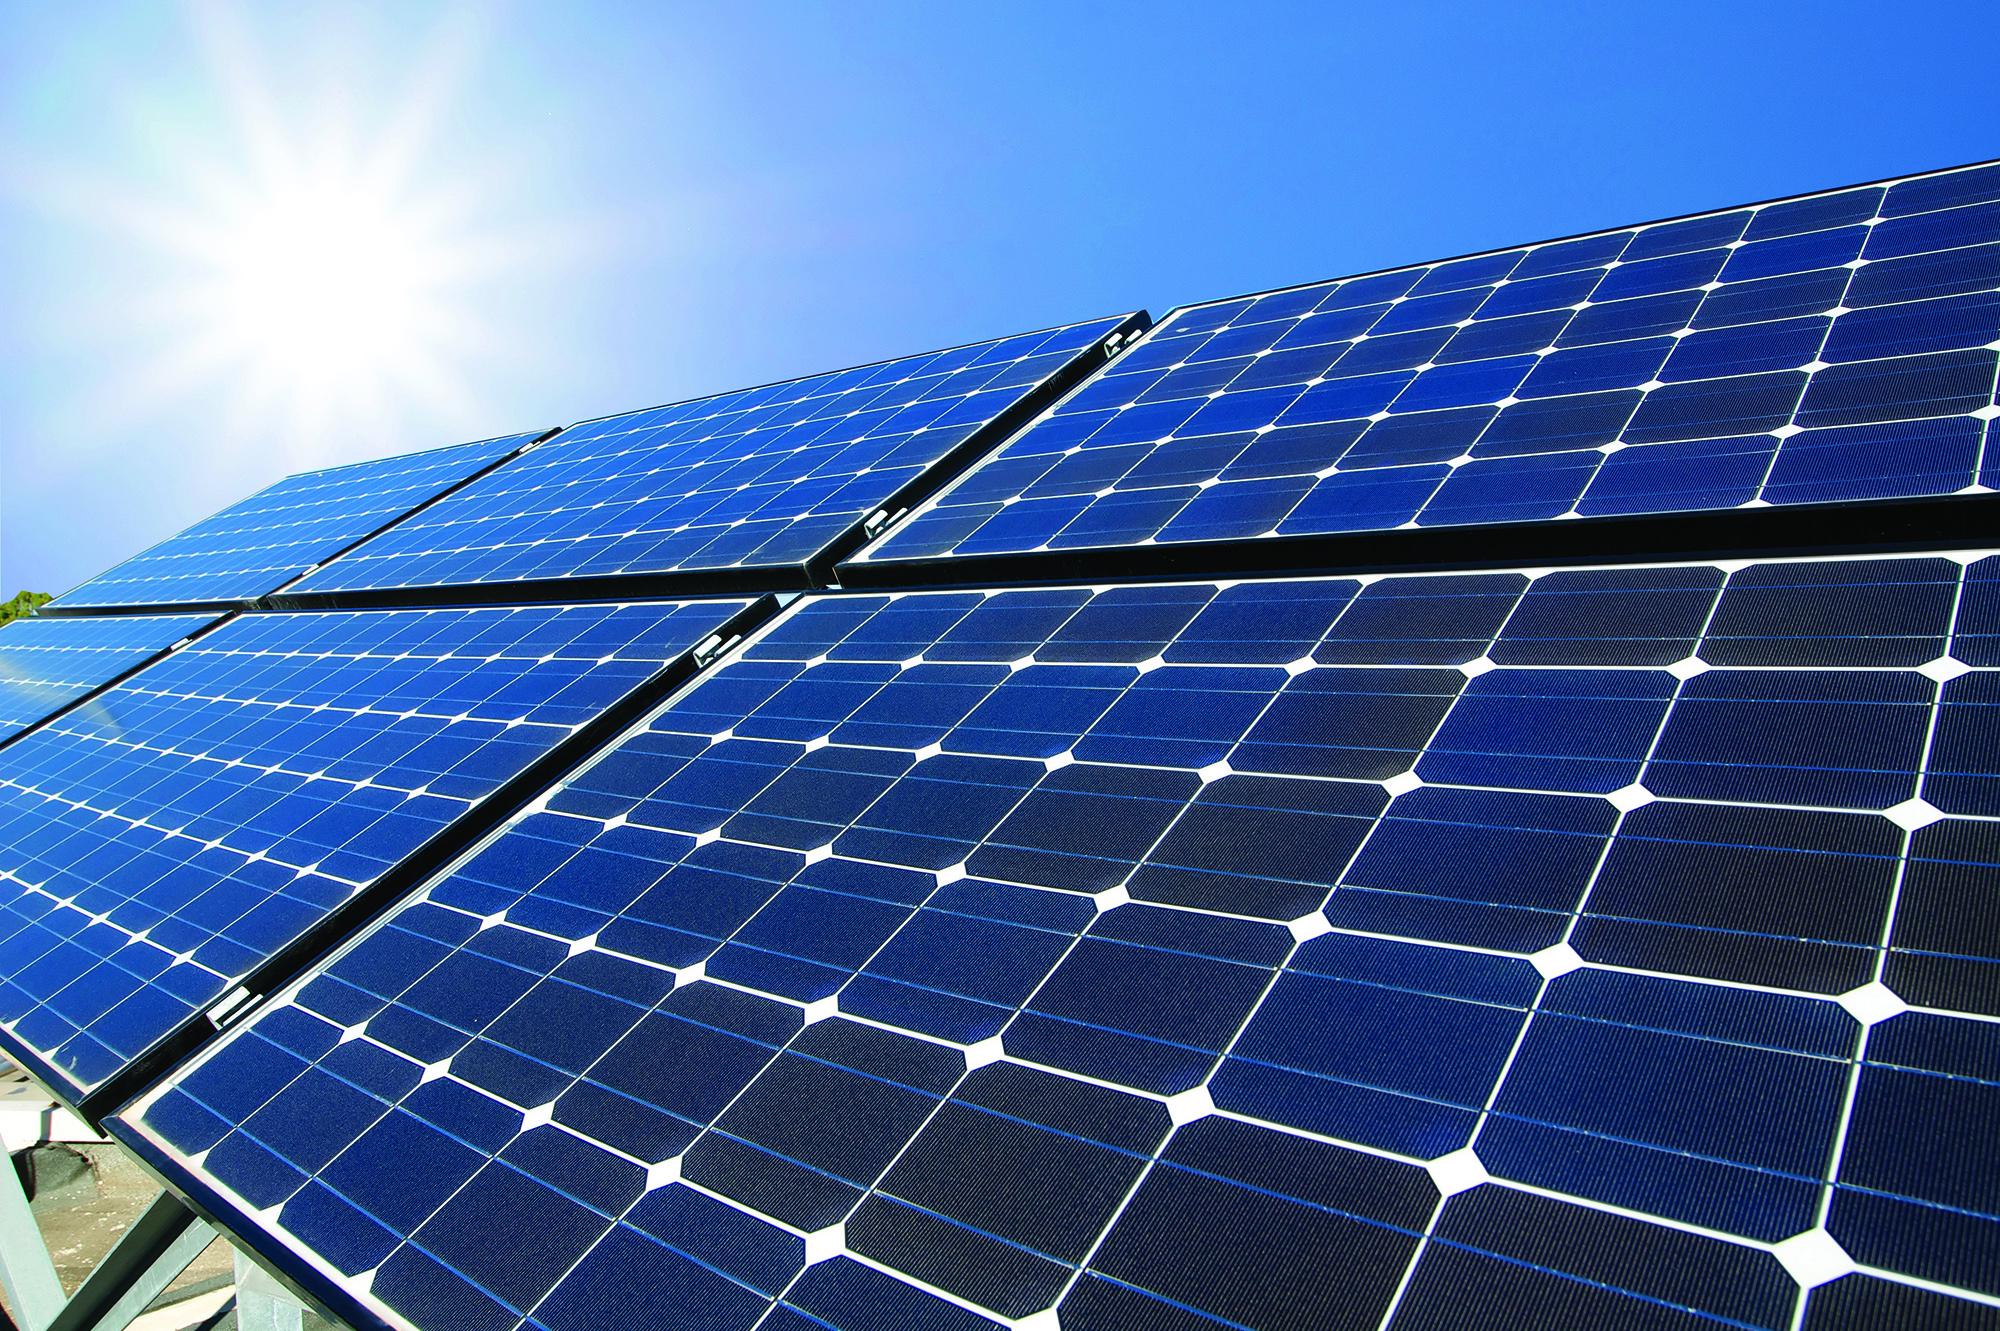 智库Ember周三发布的报告显示,6月和7月,欧盟的太阳能供应达到历史新高,占该地区总发